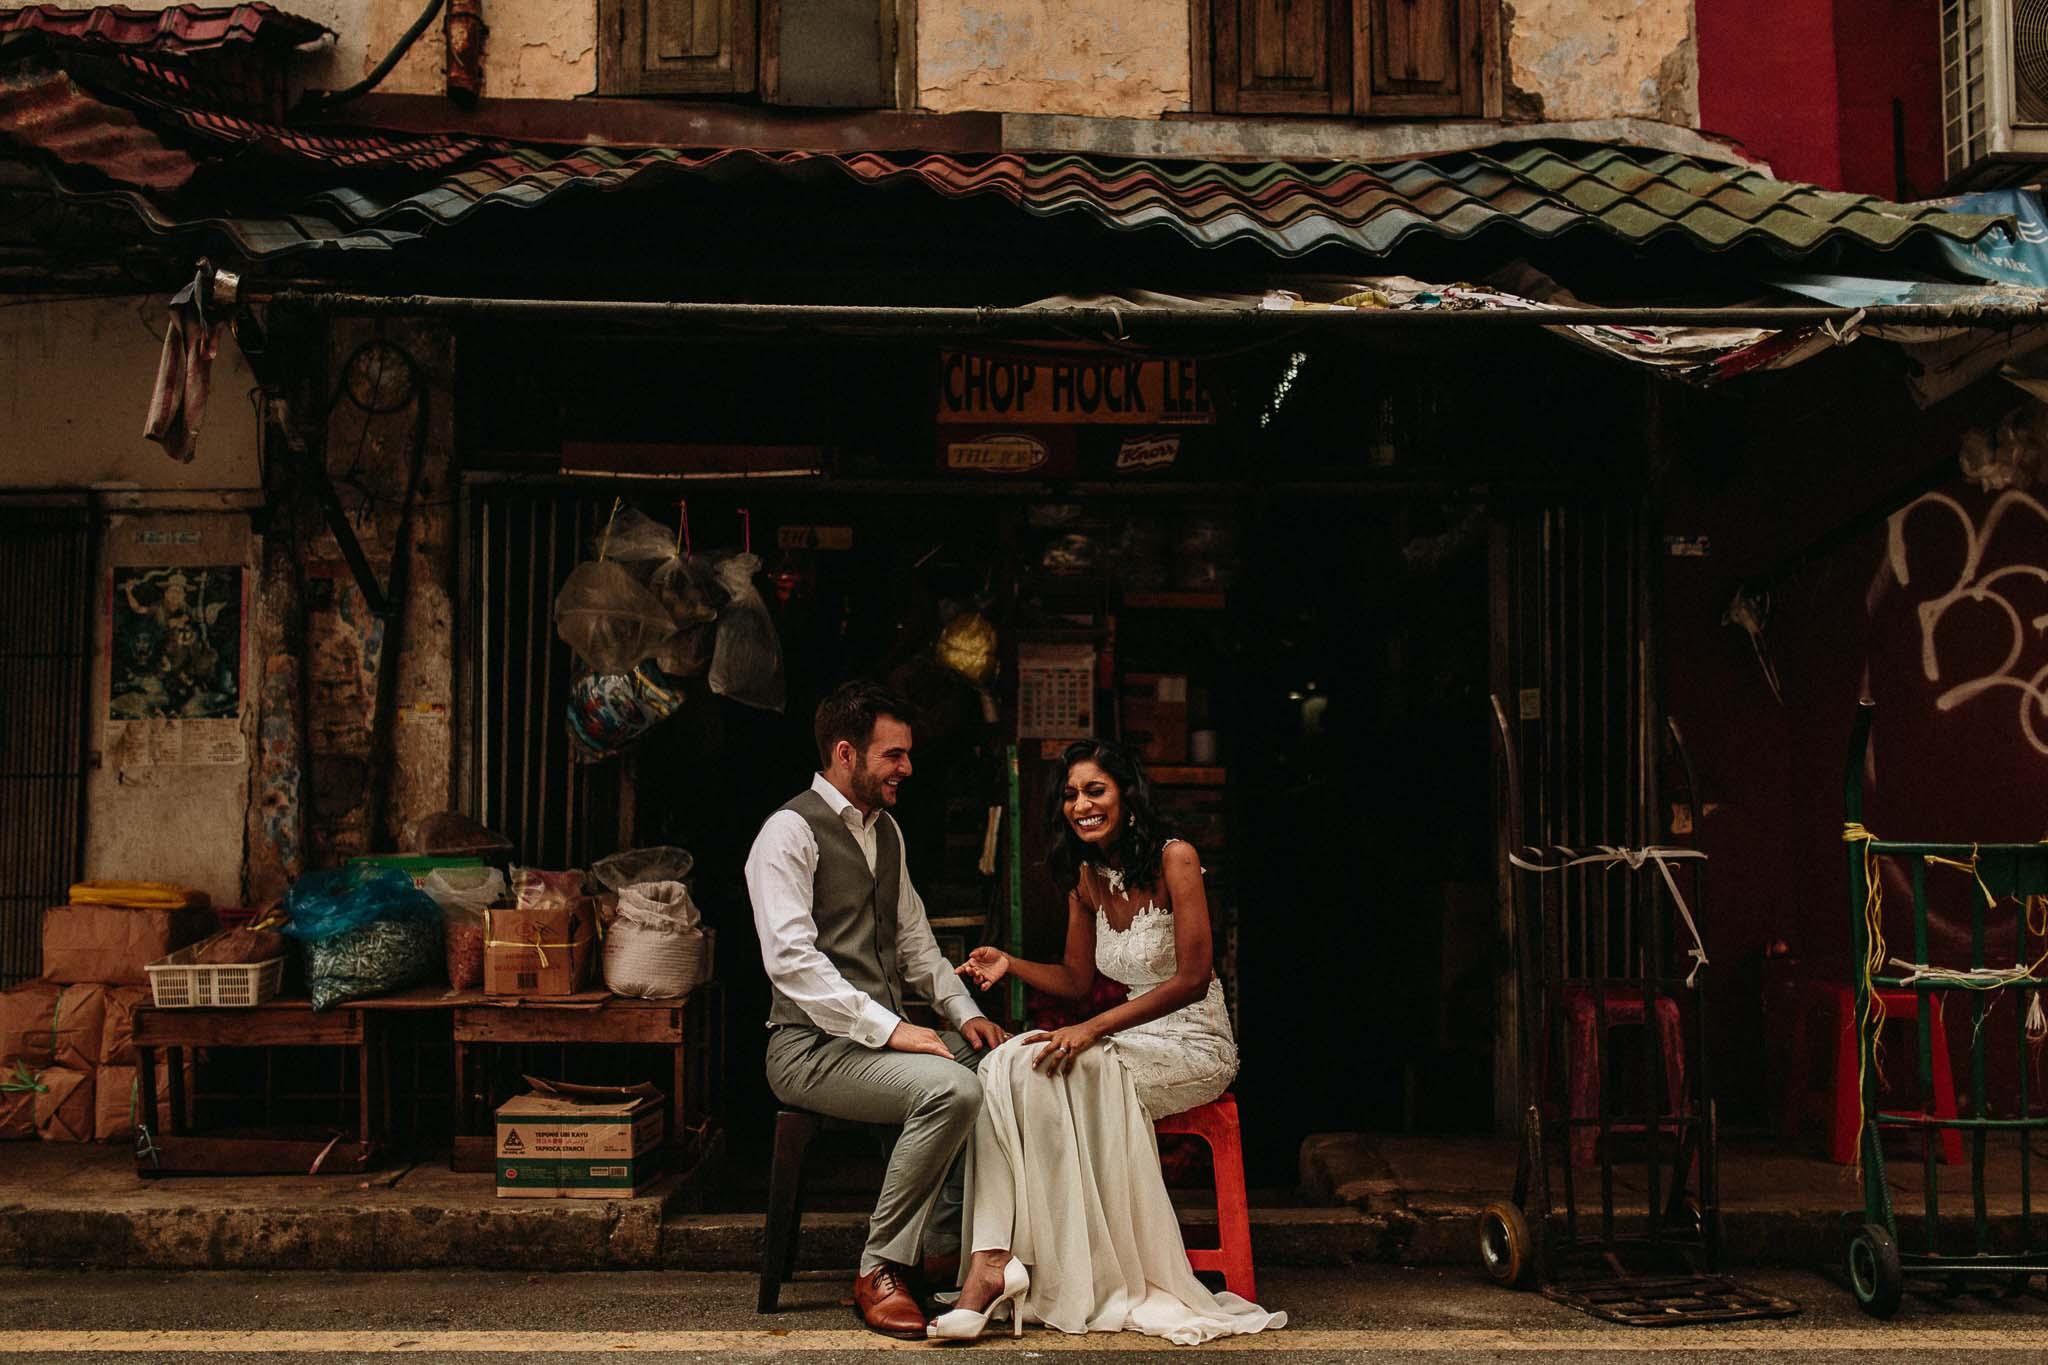 u&m-weddingsbyqay-lovesession-destinationweddingphotographer (91 of 160).jpg